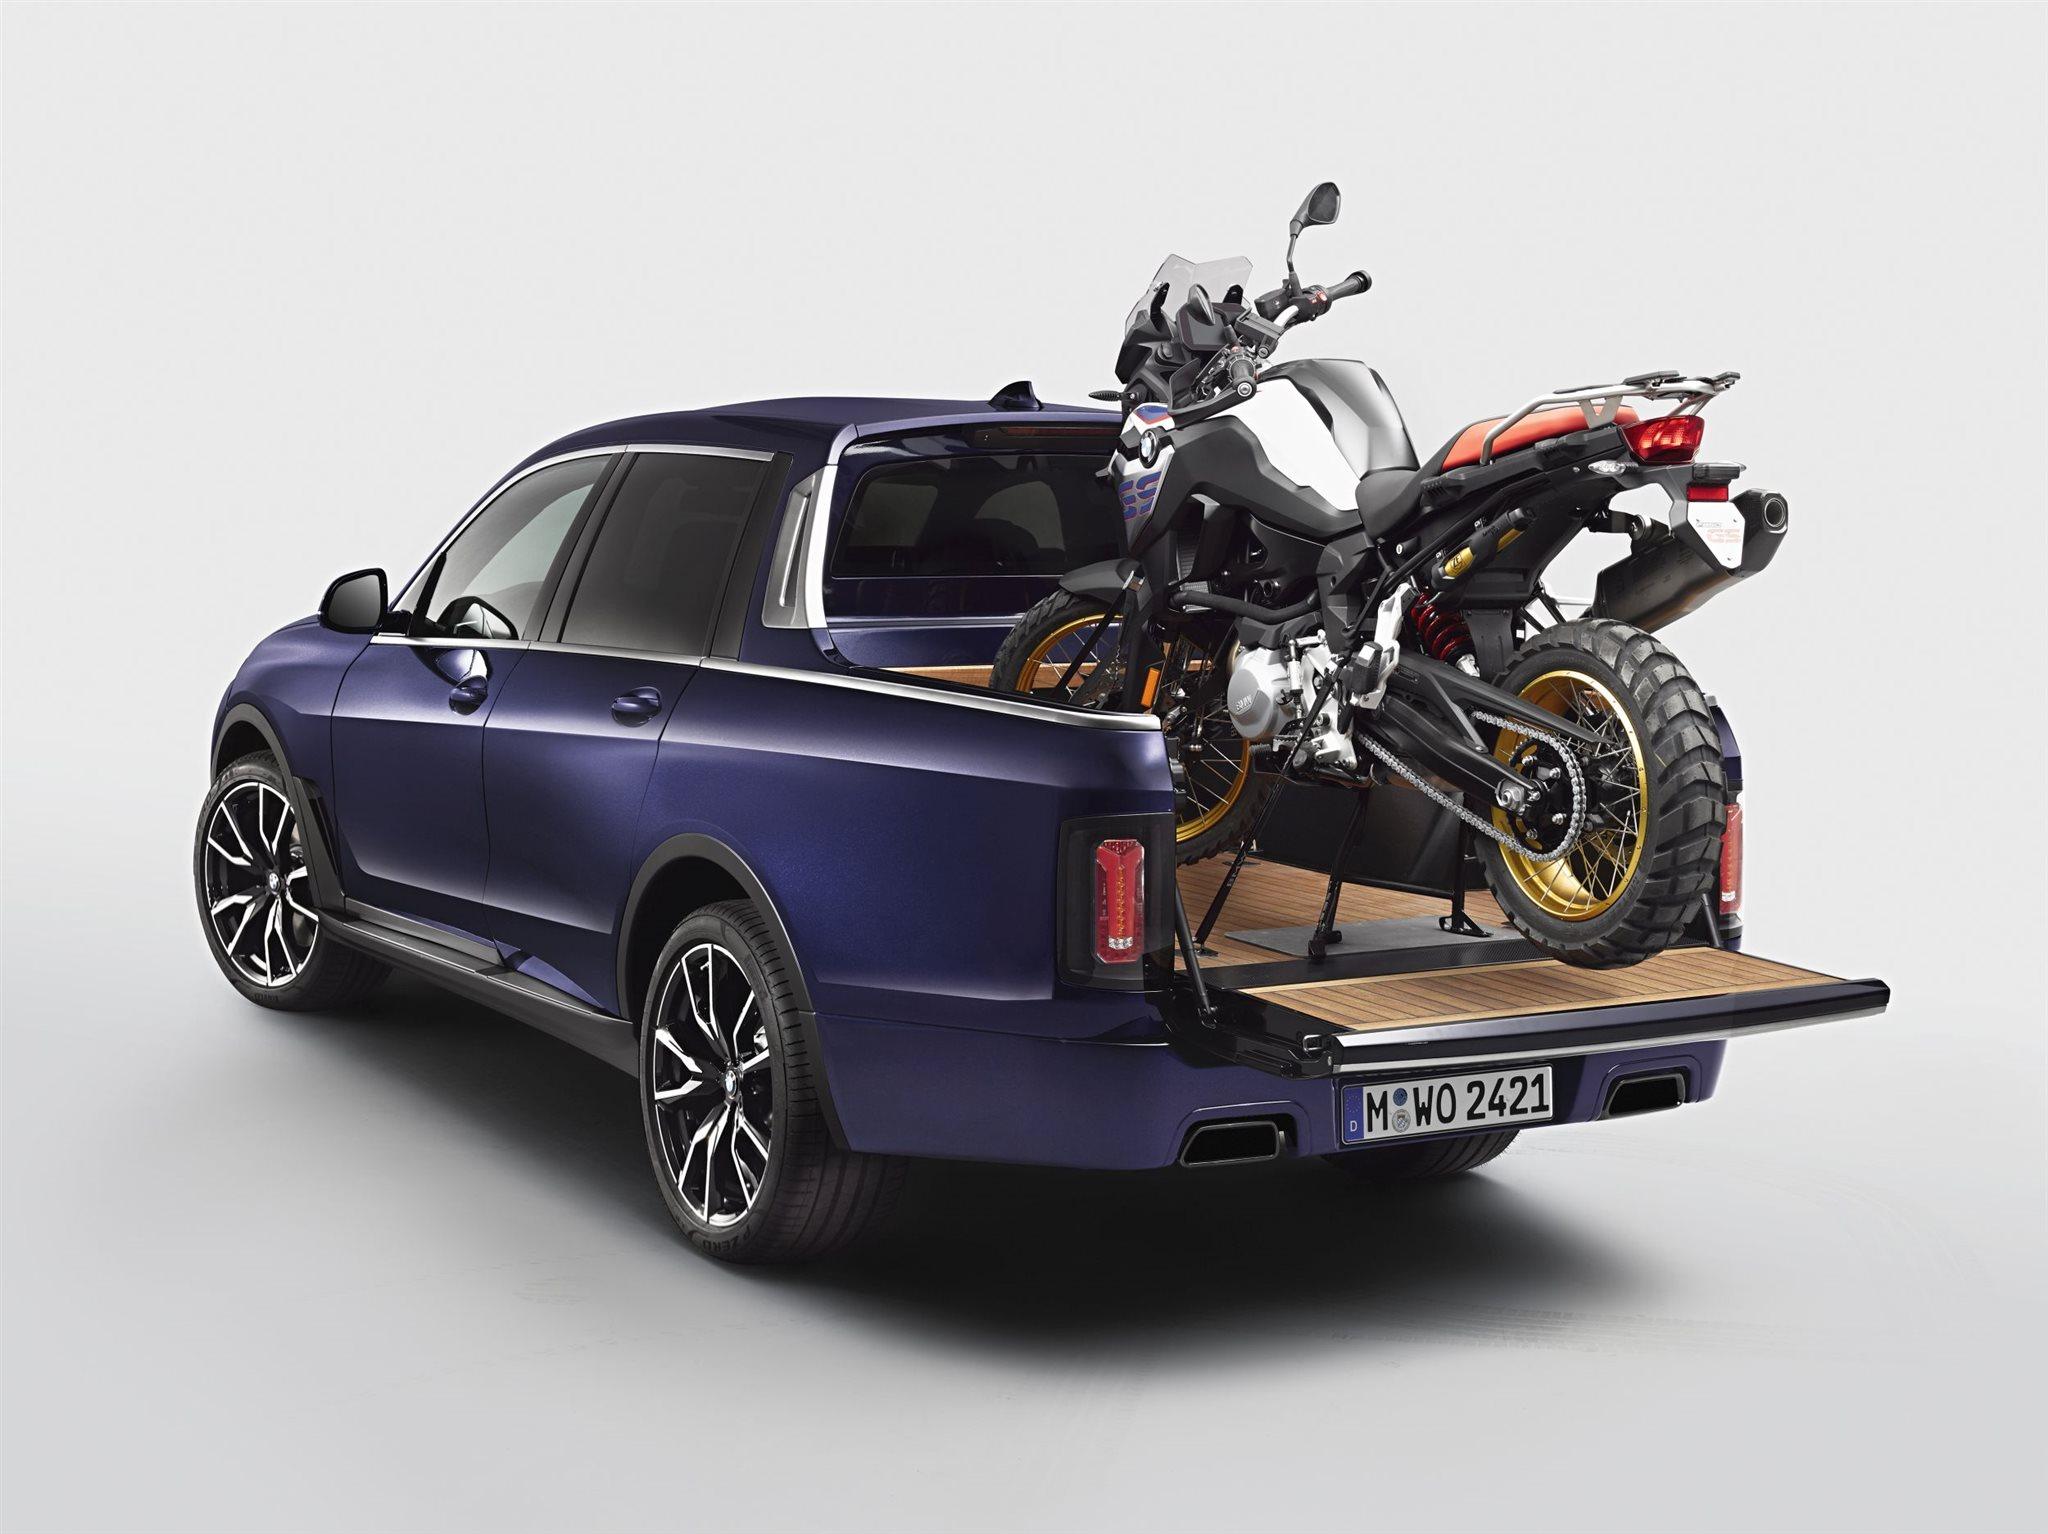 bmw pickup motorrad news. Black Bedroom Furniture Sets. Home Design Ideas